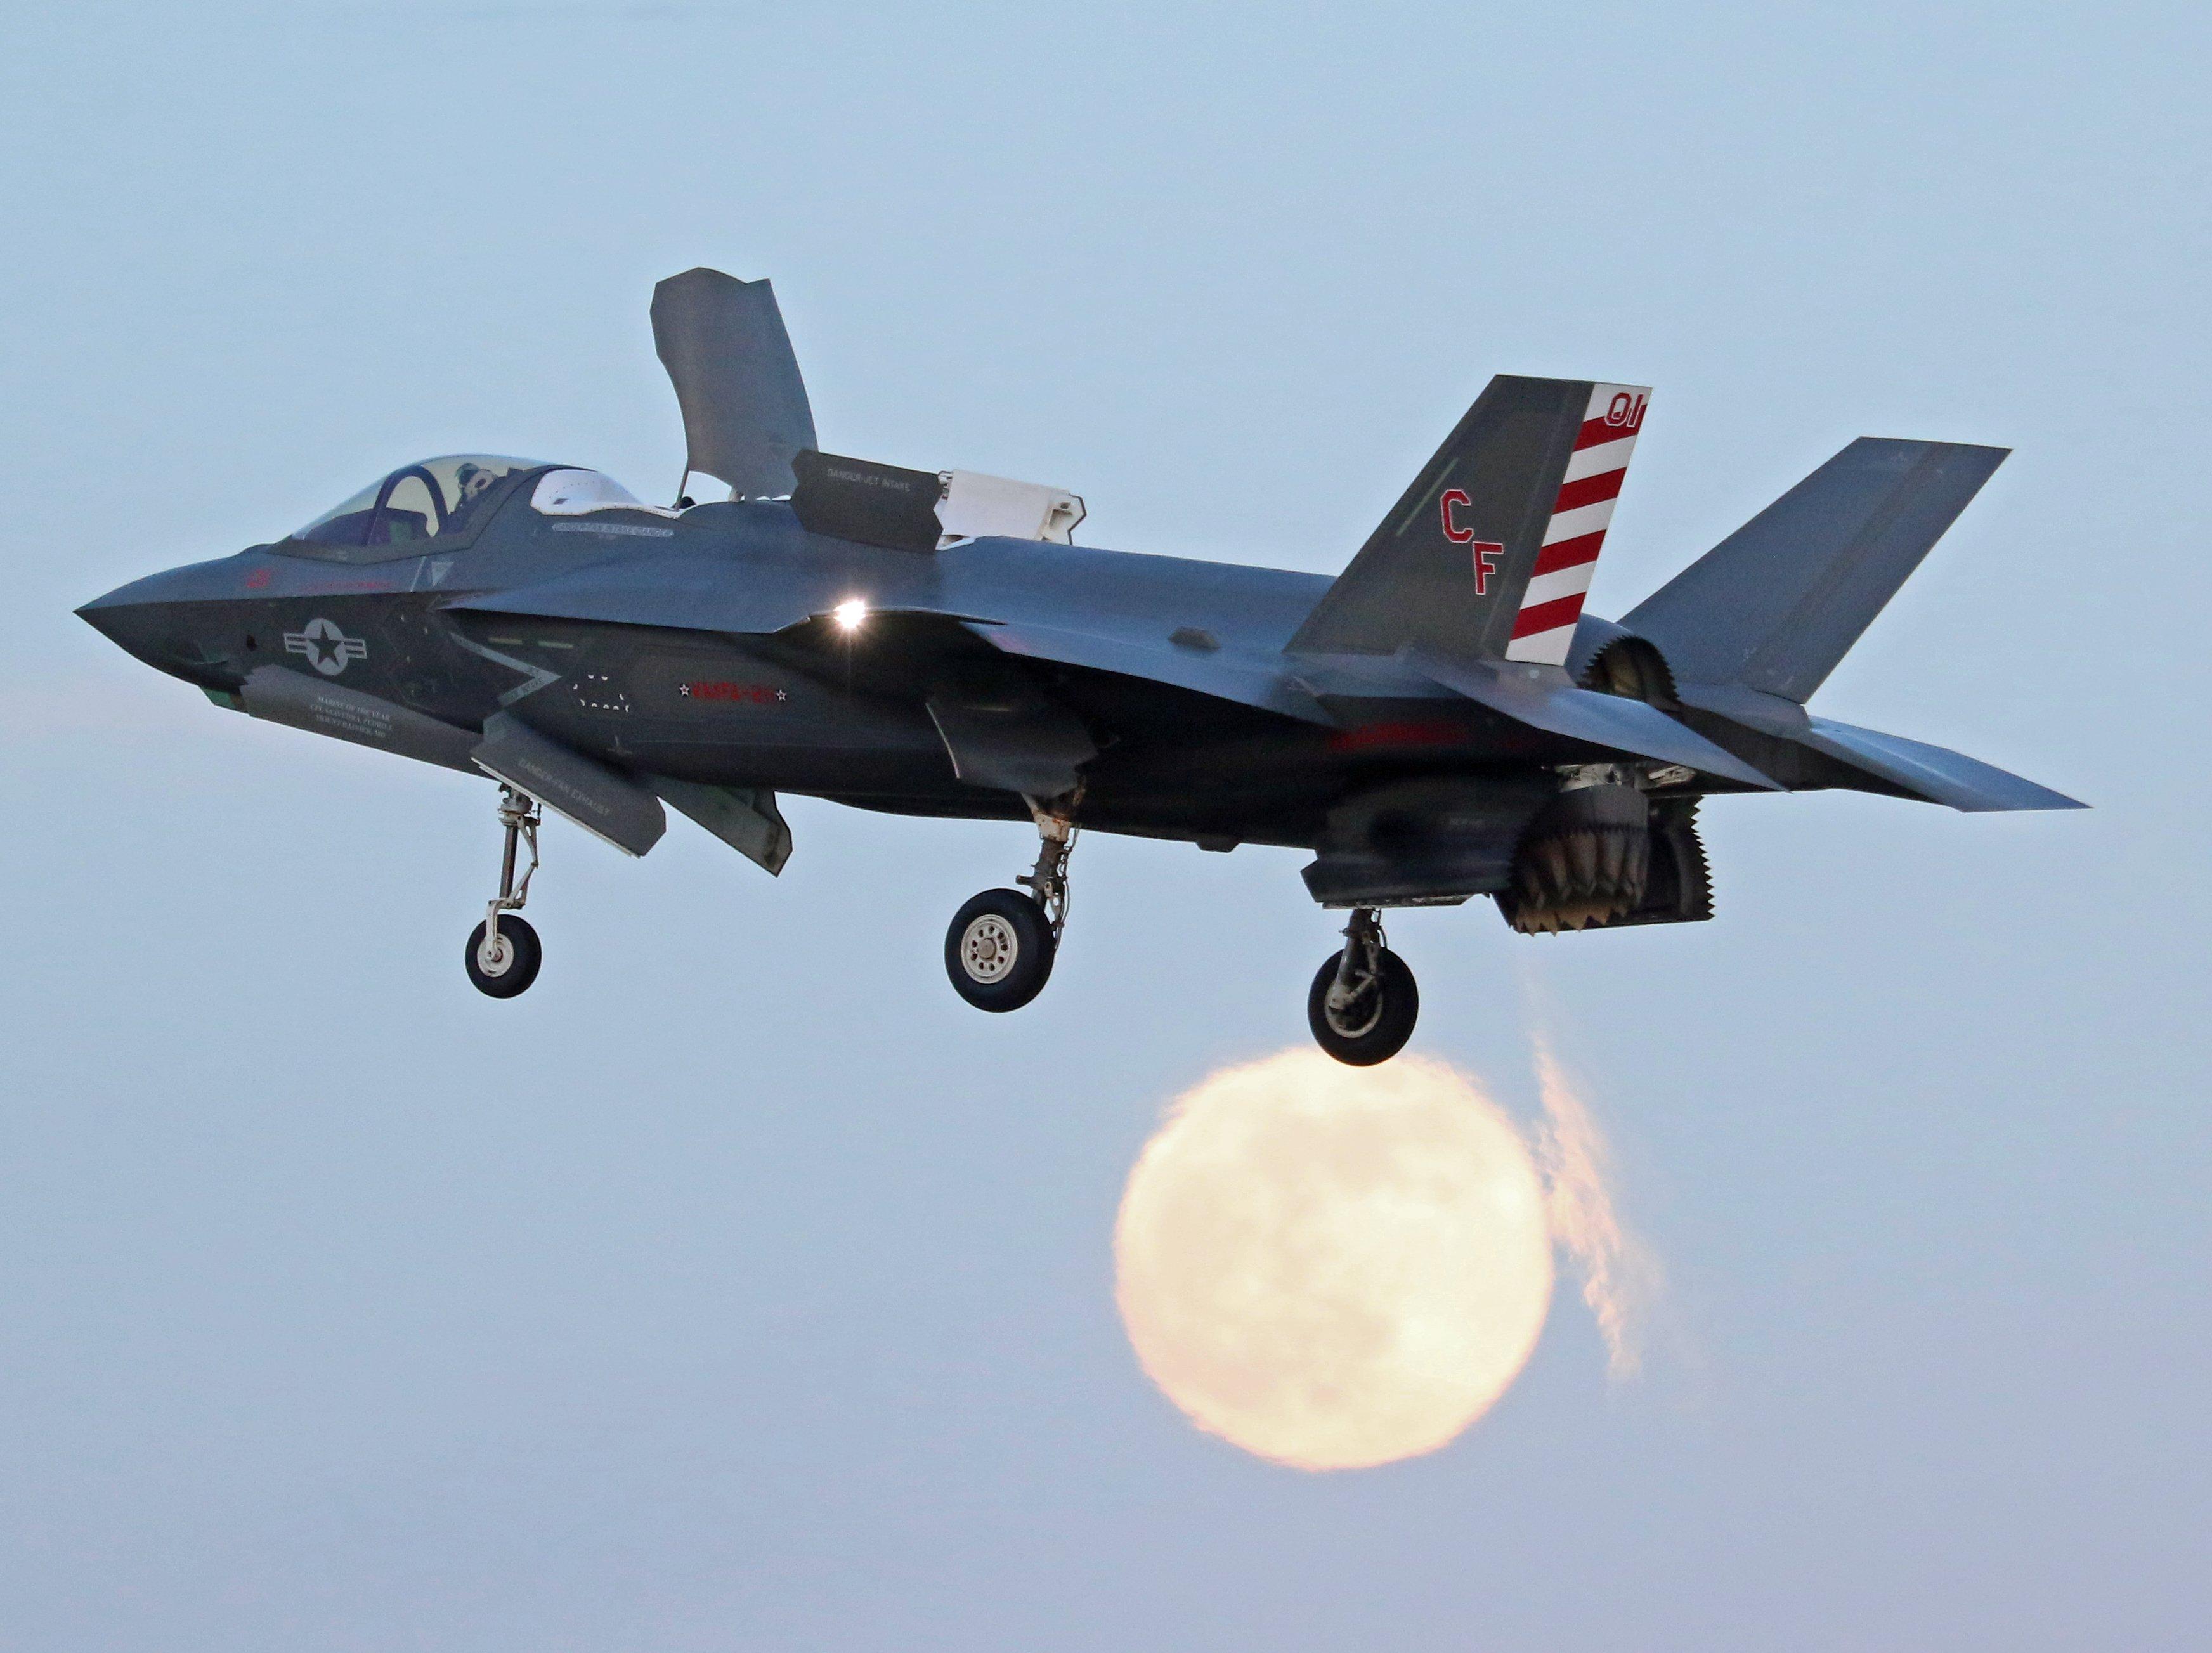 VMFA-211 F-35B [Justin Ward]